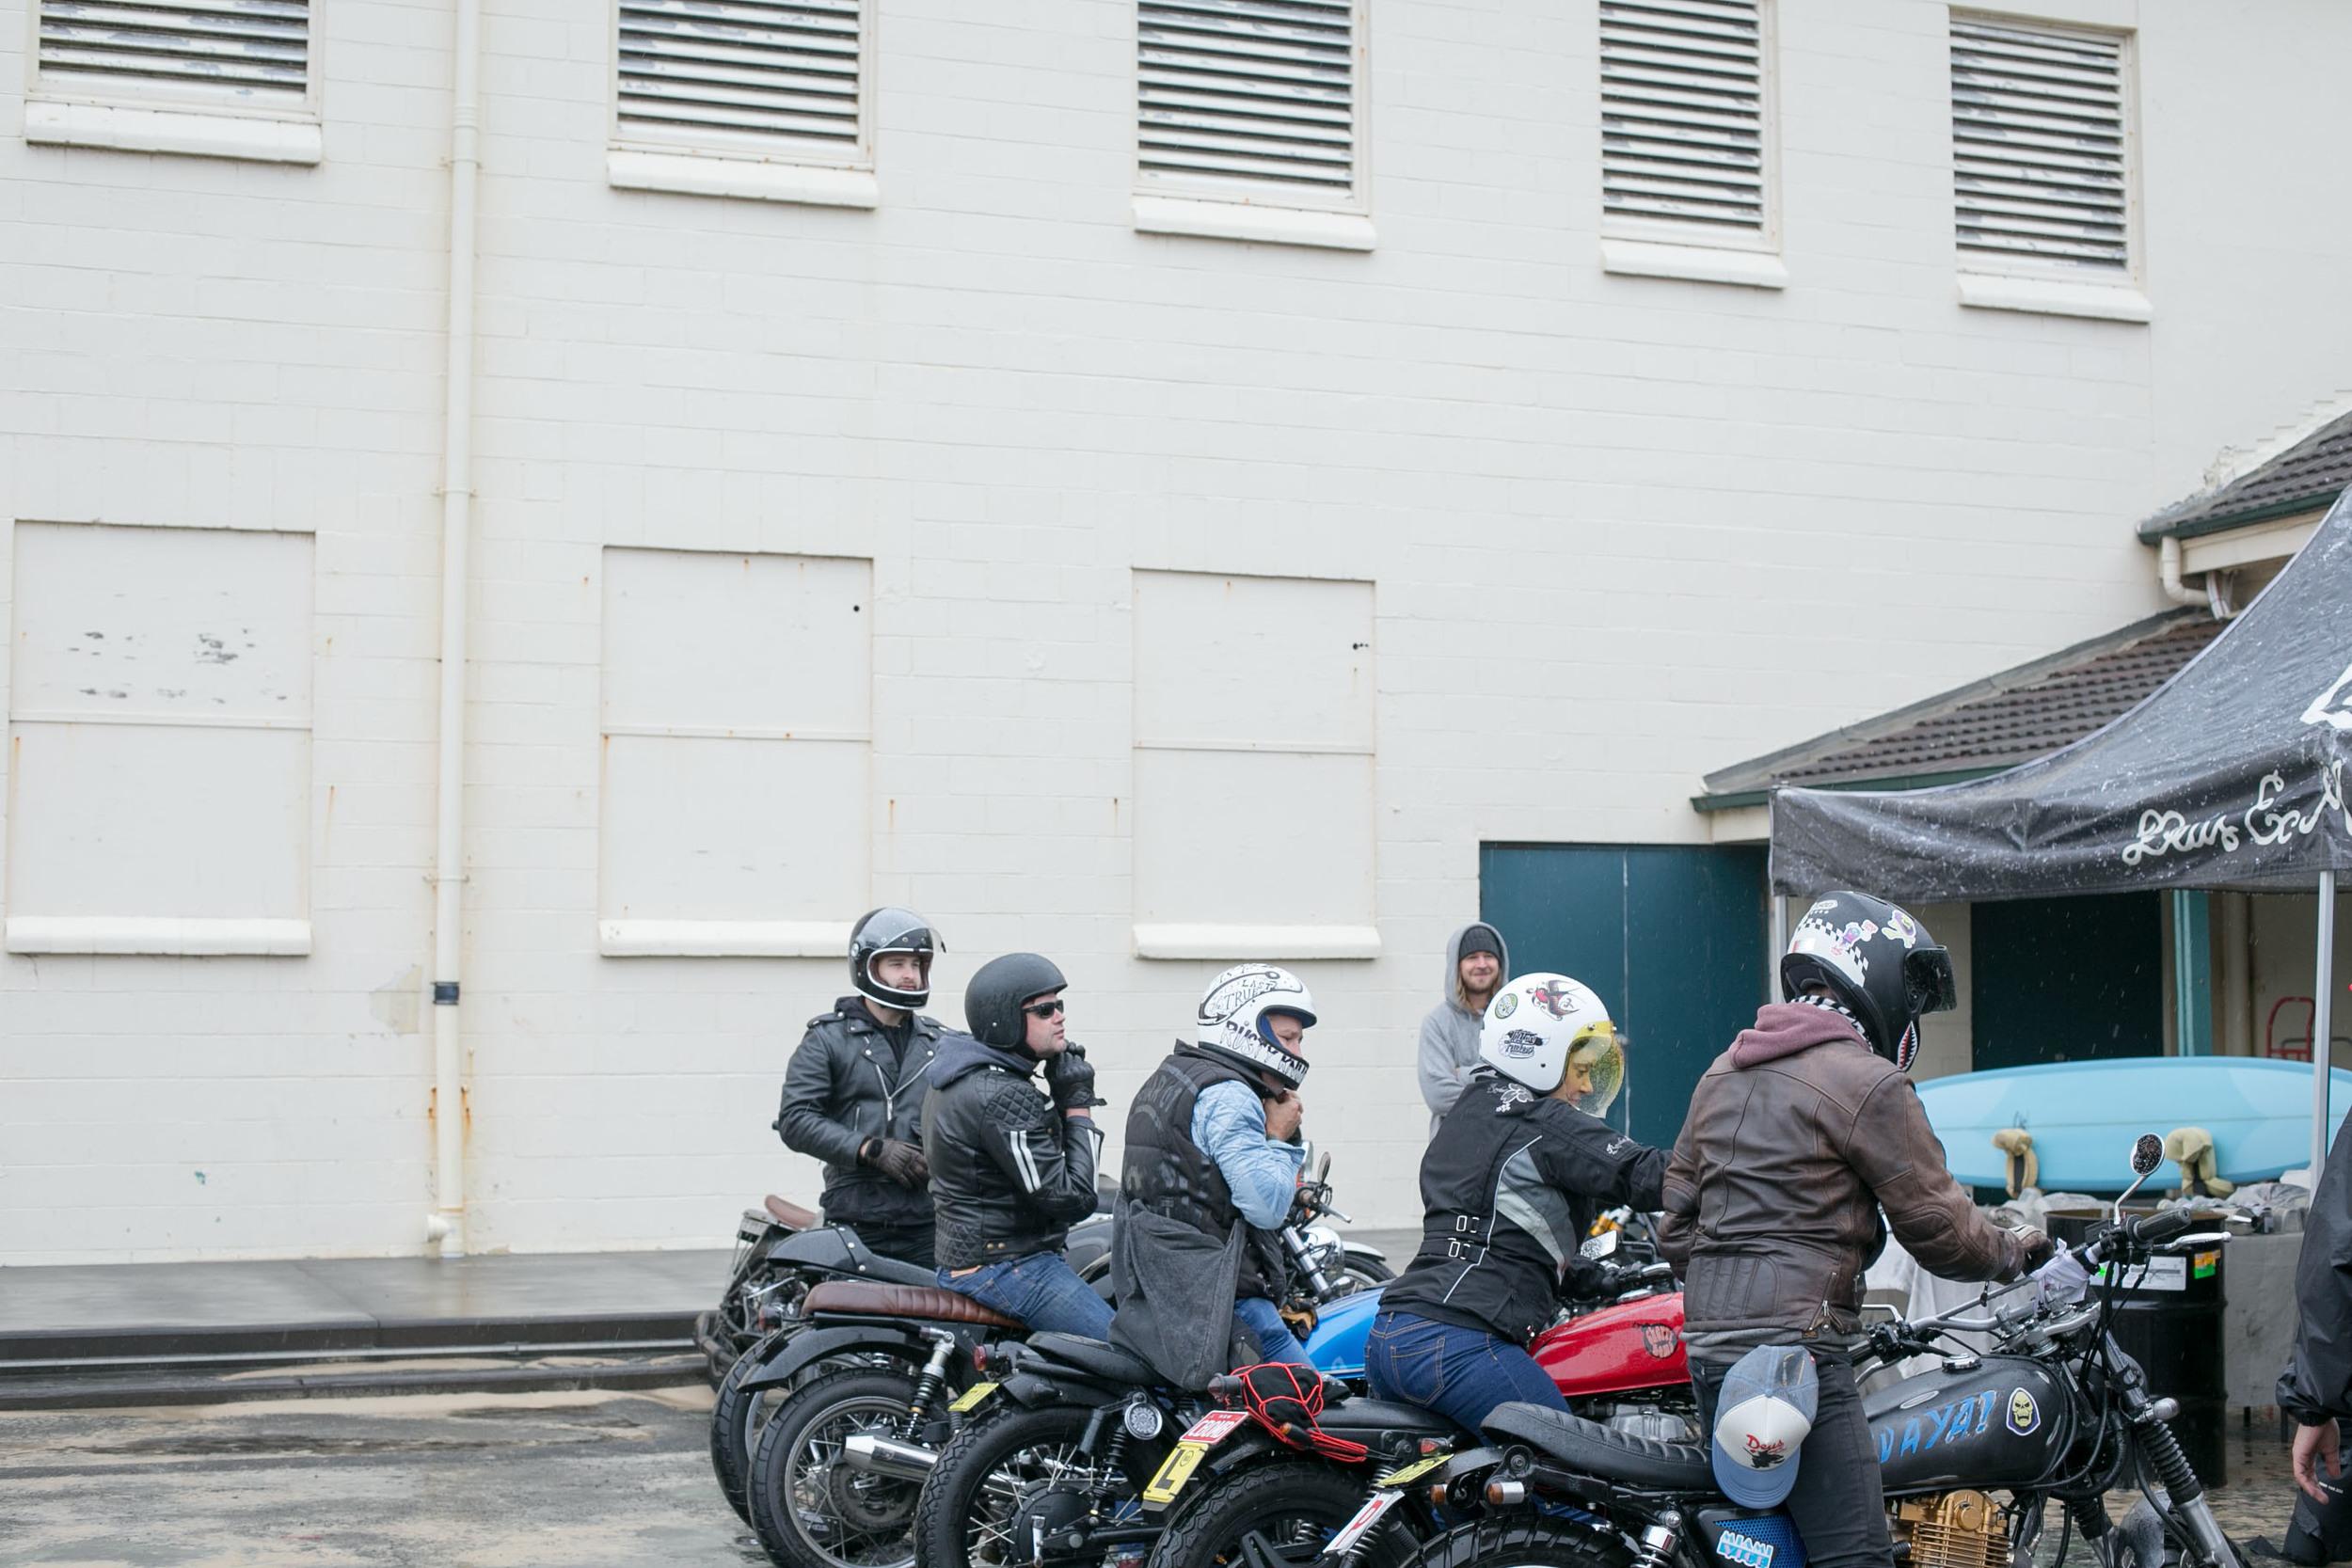 In_venus_veritas_deus_bike_build_off_sydney-1.jpg